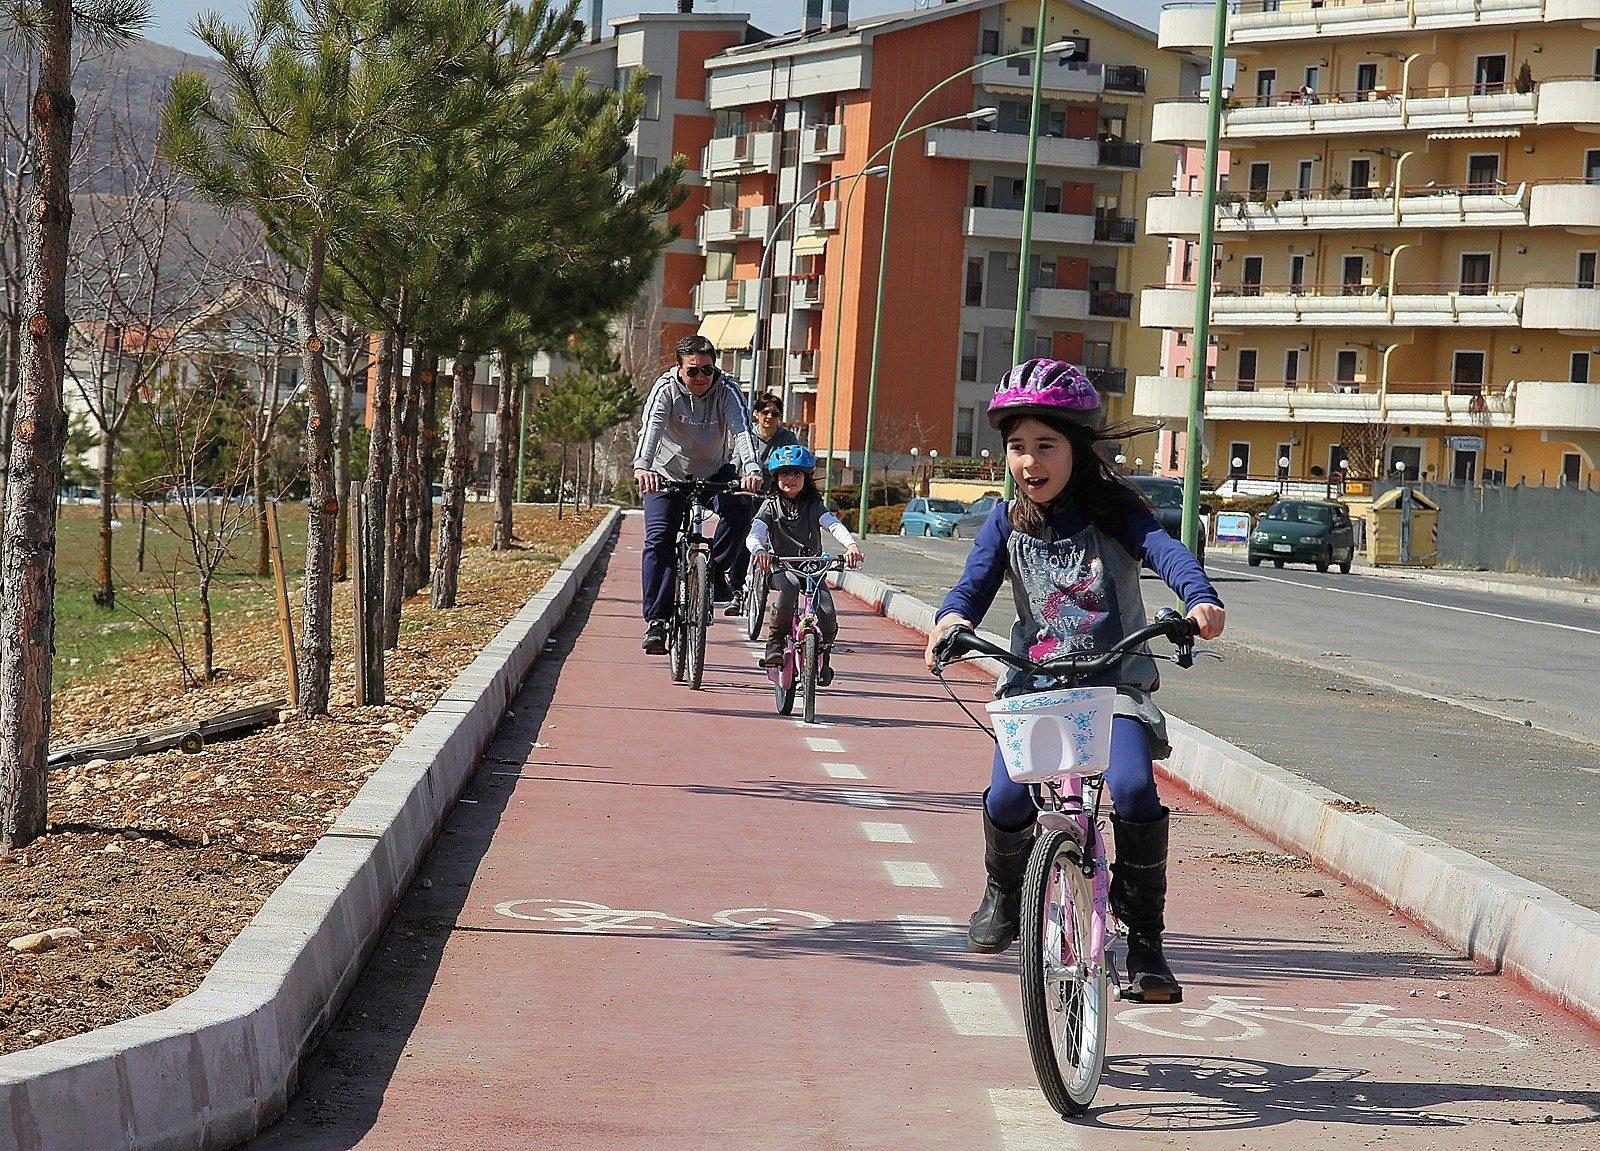 Al via i lavori per la pista ciclabile ad Avezzano, rivoluzione alla viabilità